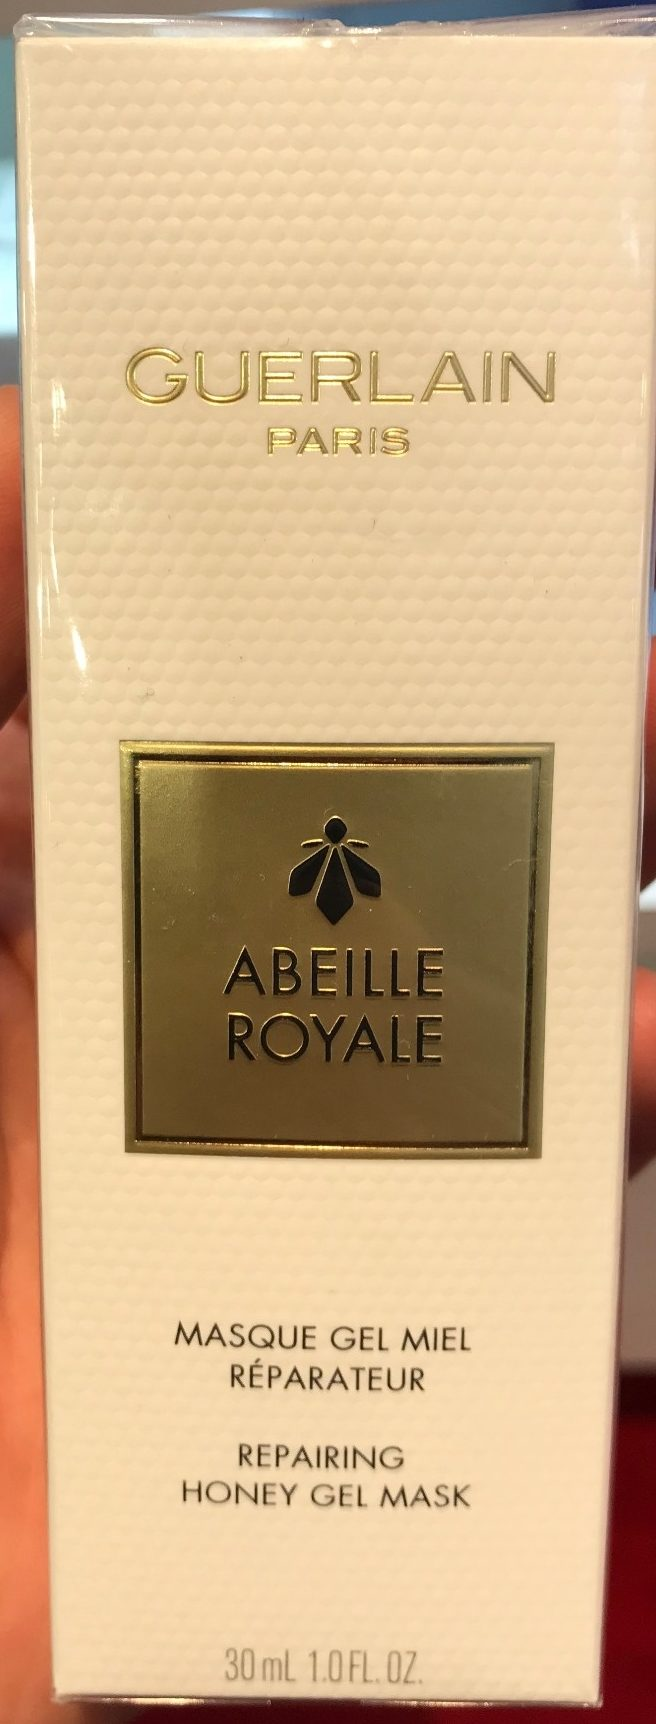 Abeille Royale - Masque Gel Miel Réparateur - Product